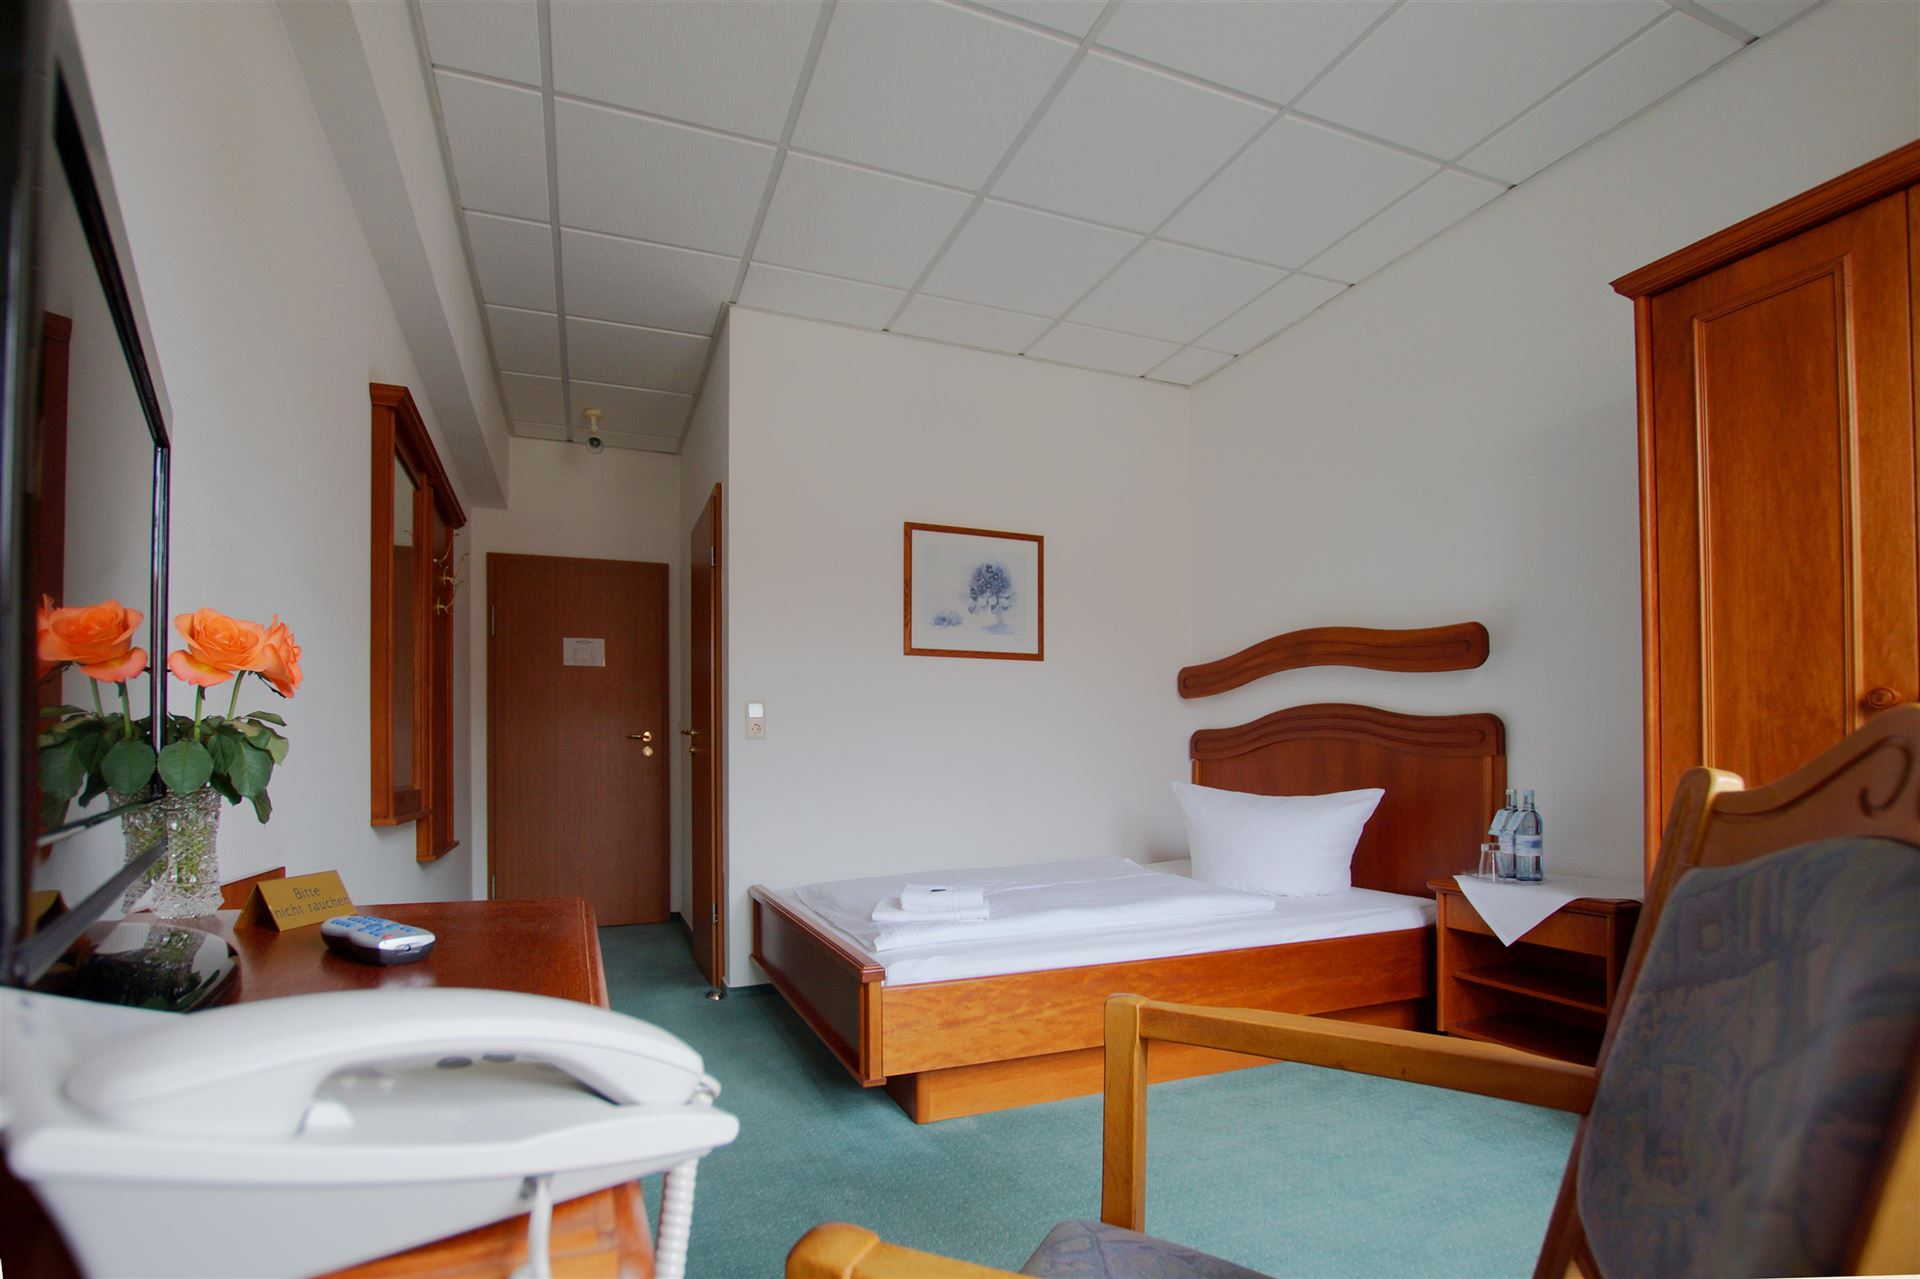 Hotel Dreiwasser Sternberg